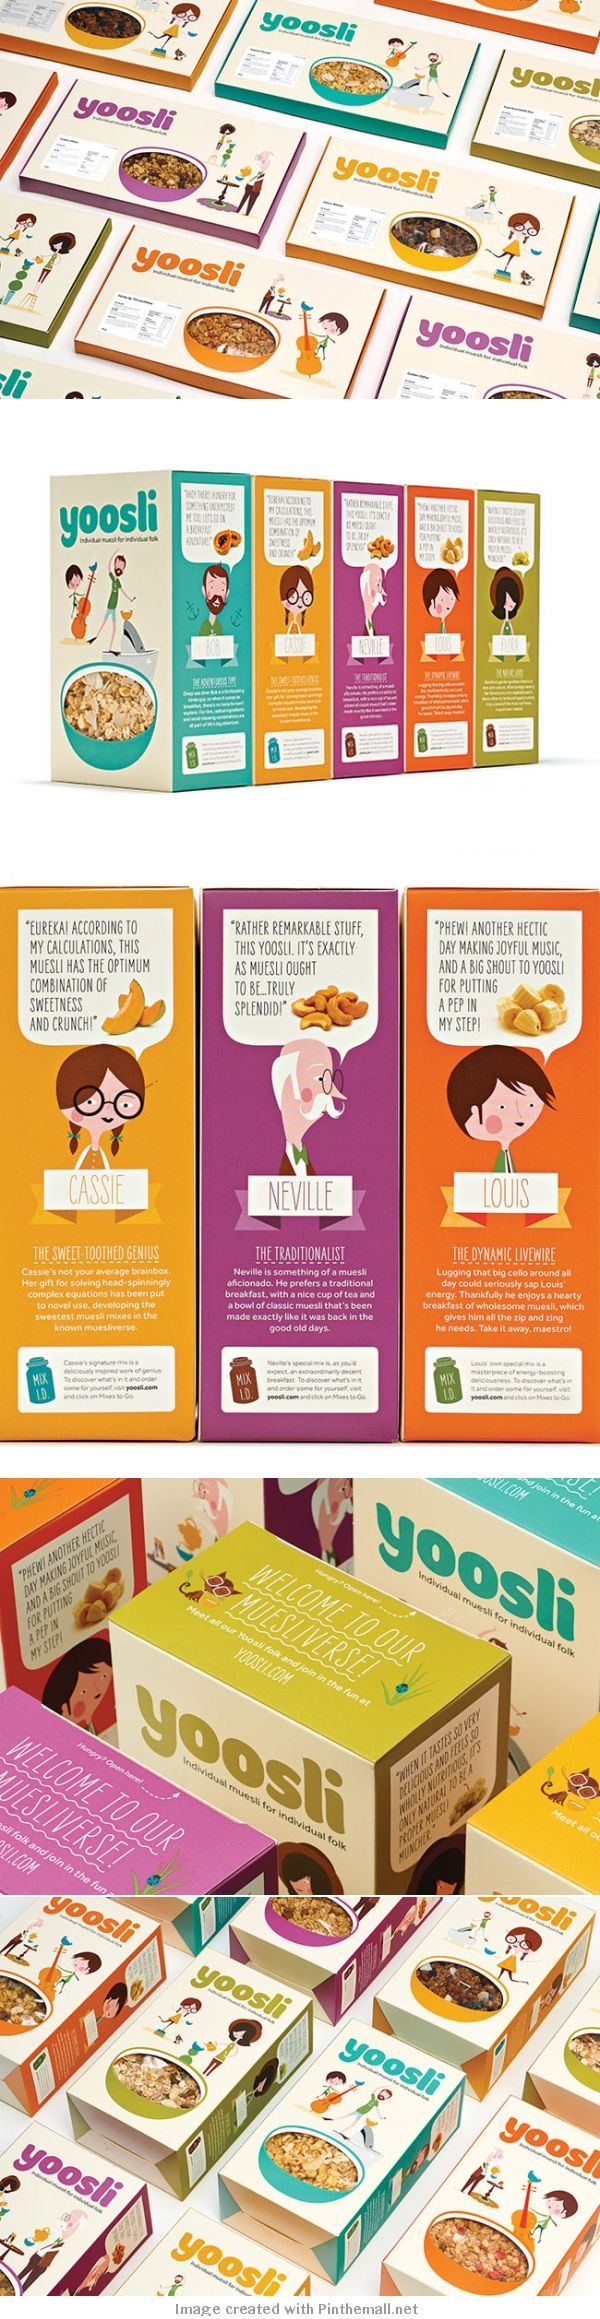 Yoosli packaging design